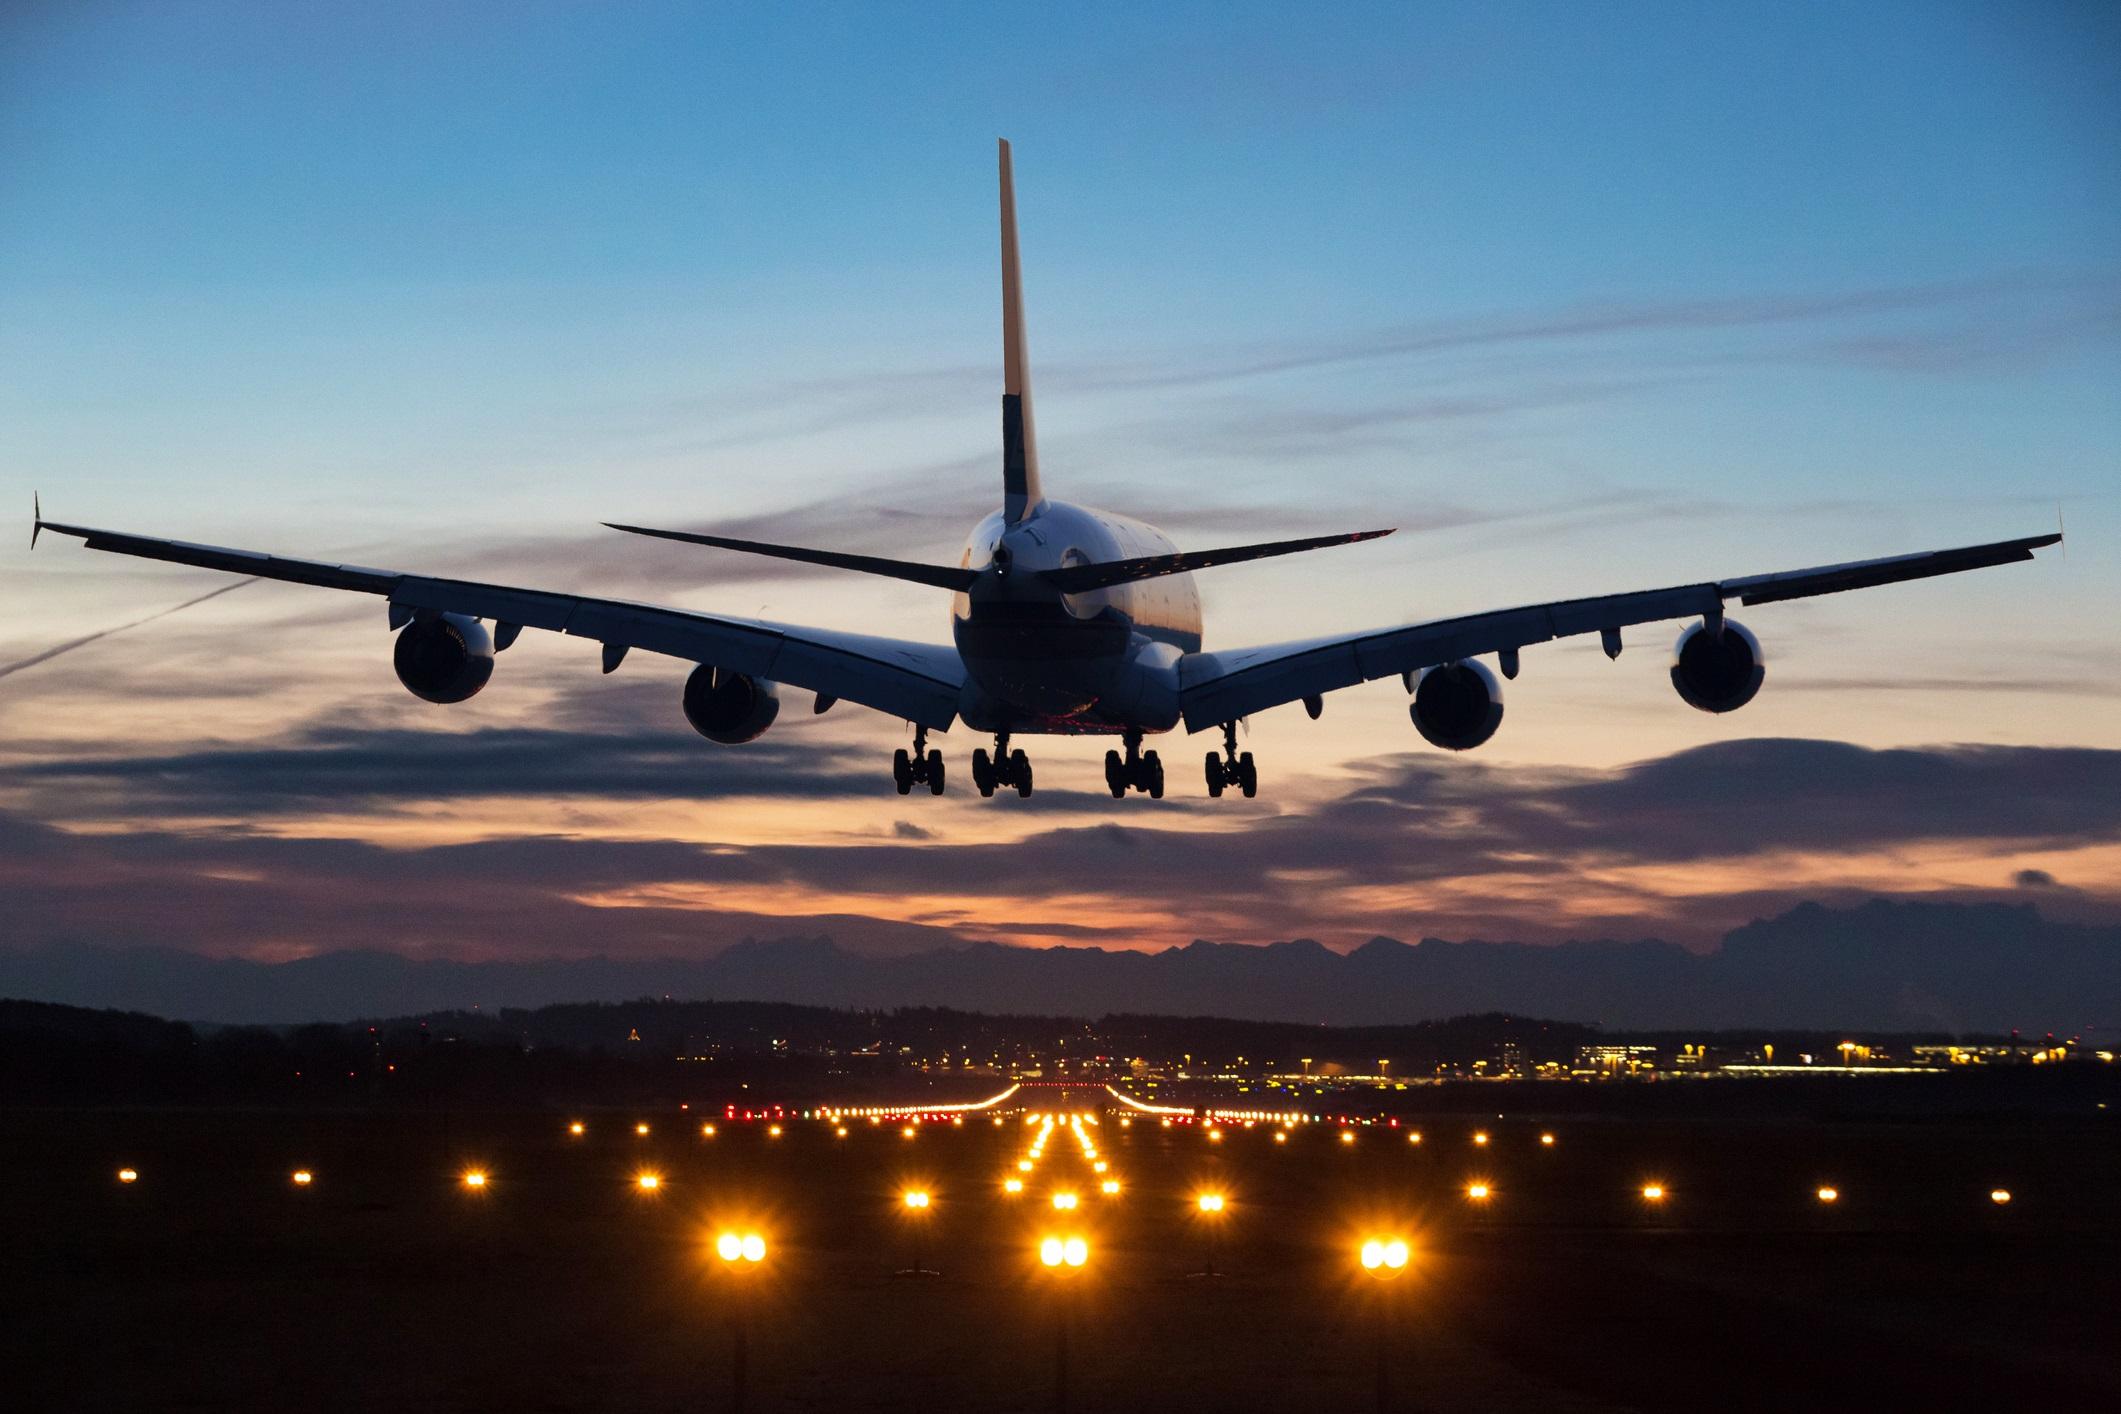 Den norske bedriften Indra Navia AS lager et nytt internasjonalt landingssystem som vil øke effektiviteten, redusere forsinkelser og gi mindre CO2-utslipp og støy. Foto: Indra Navia AS